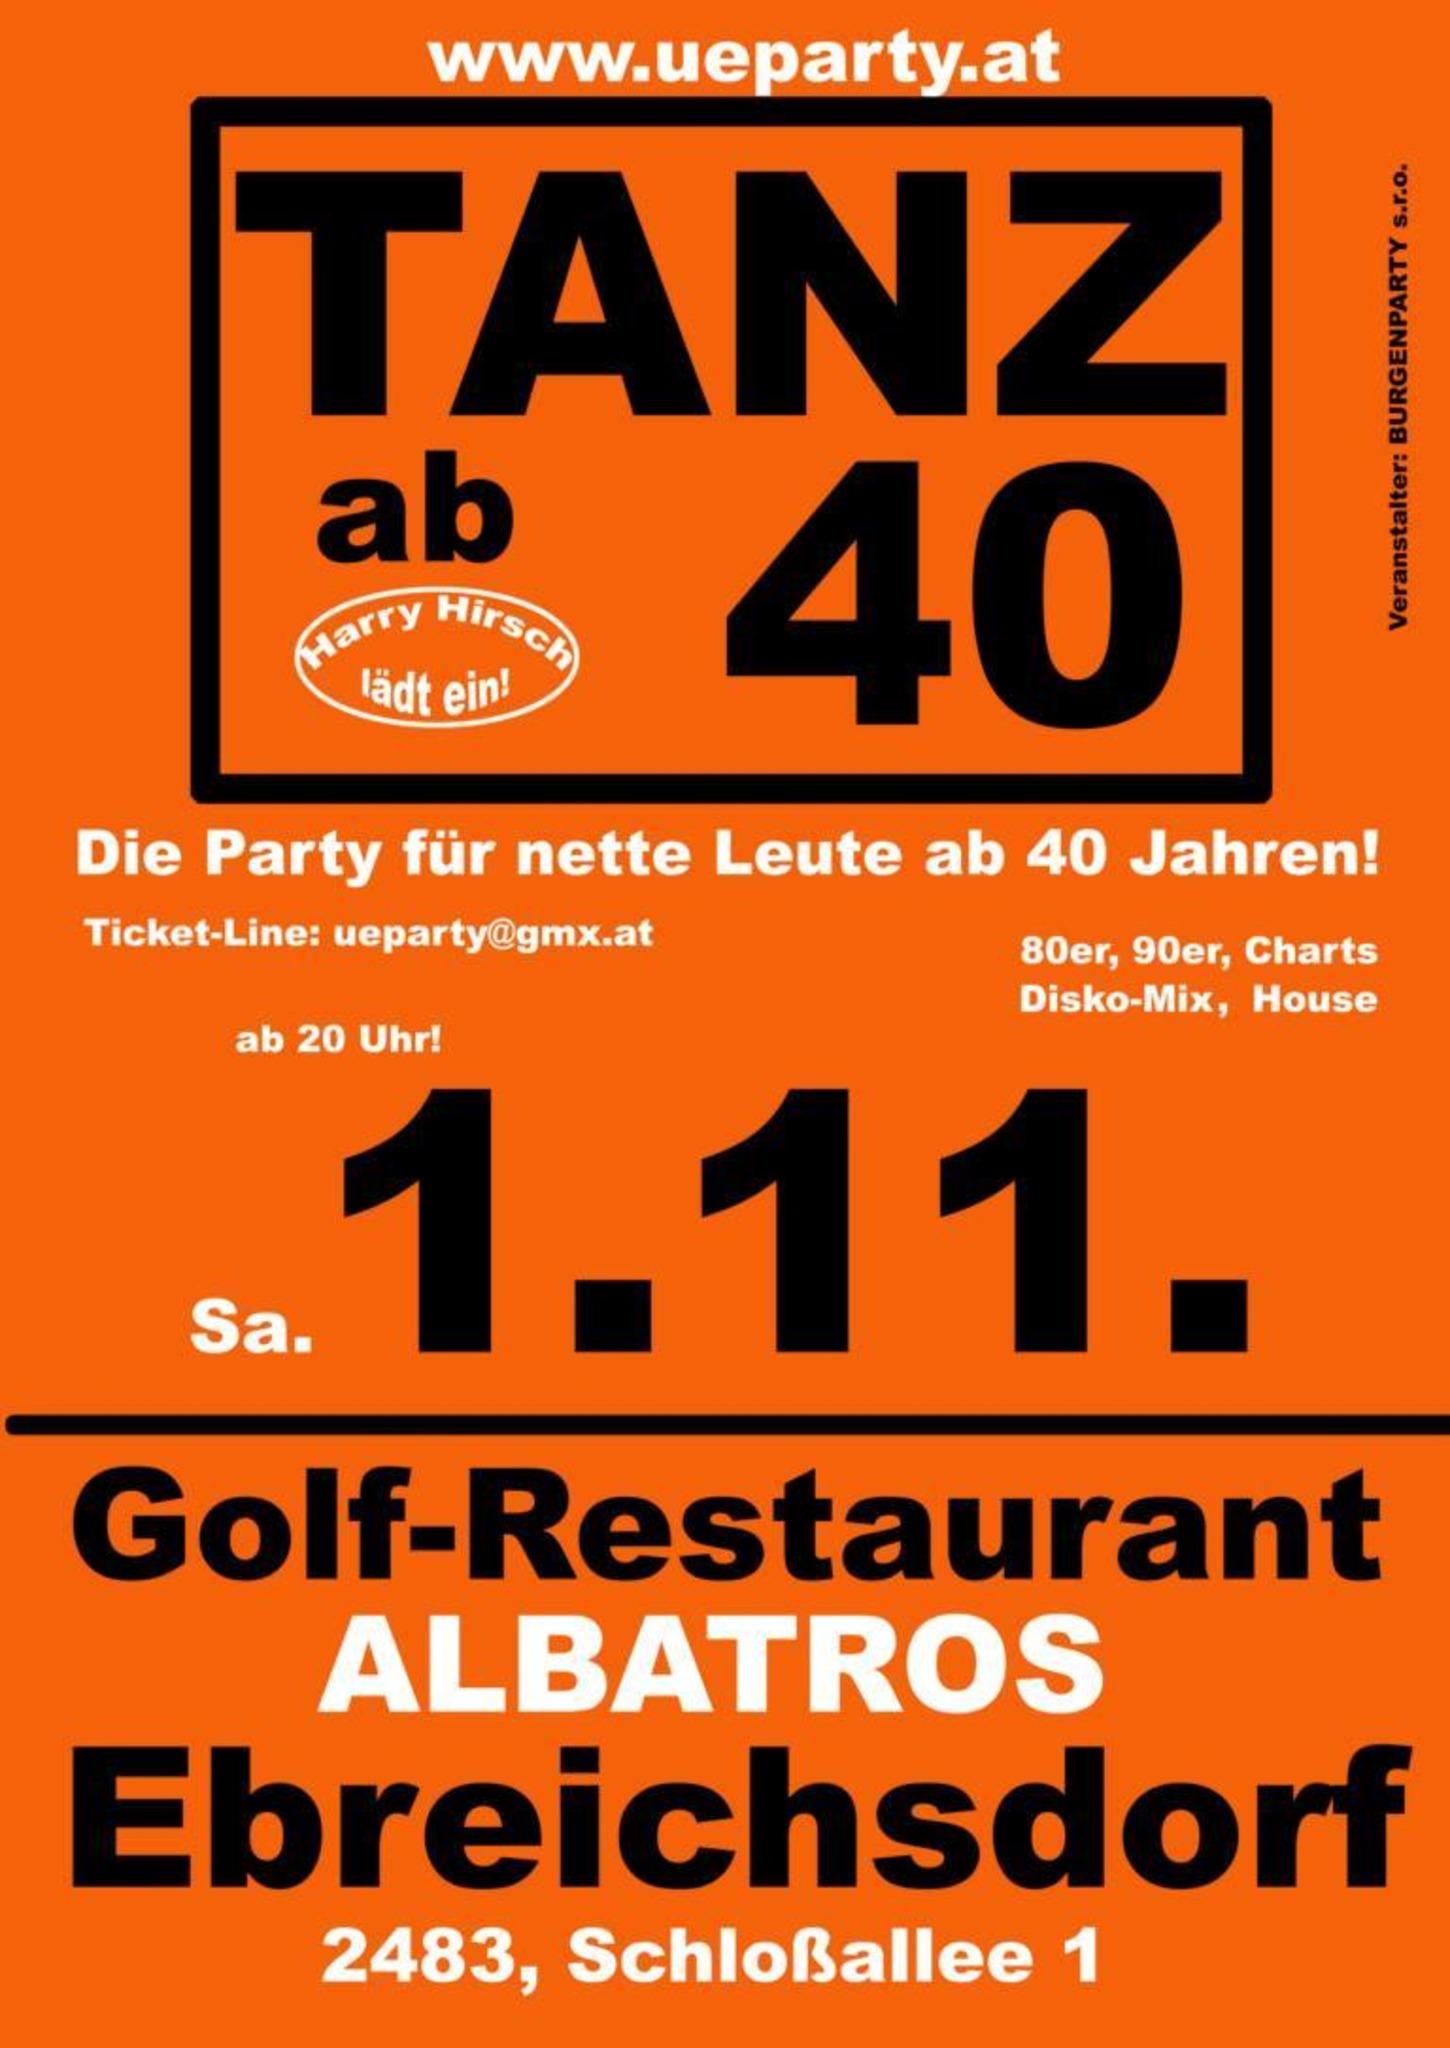 Ebreichsdorf Single Party In Poysdorf